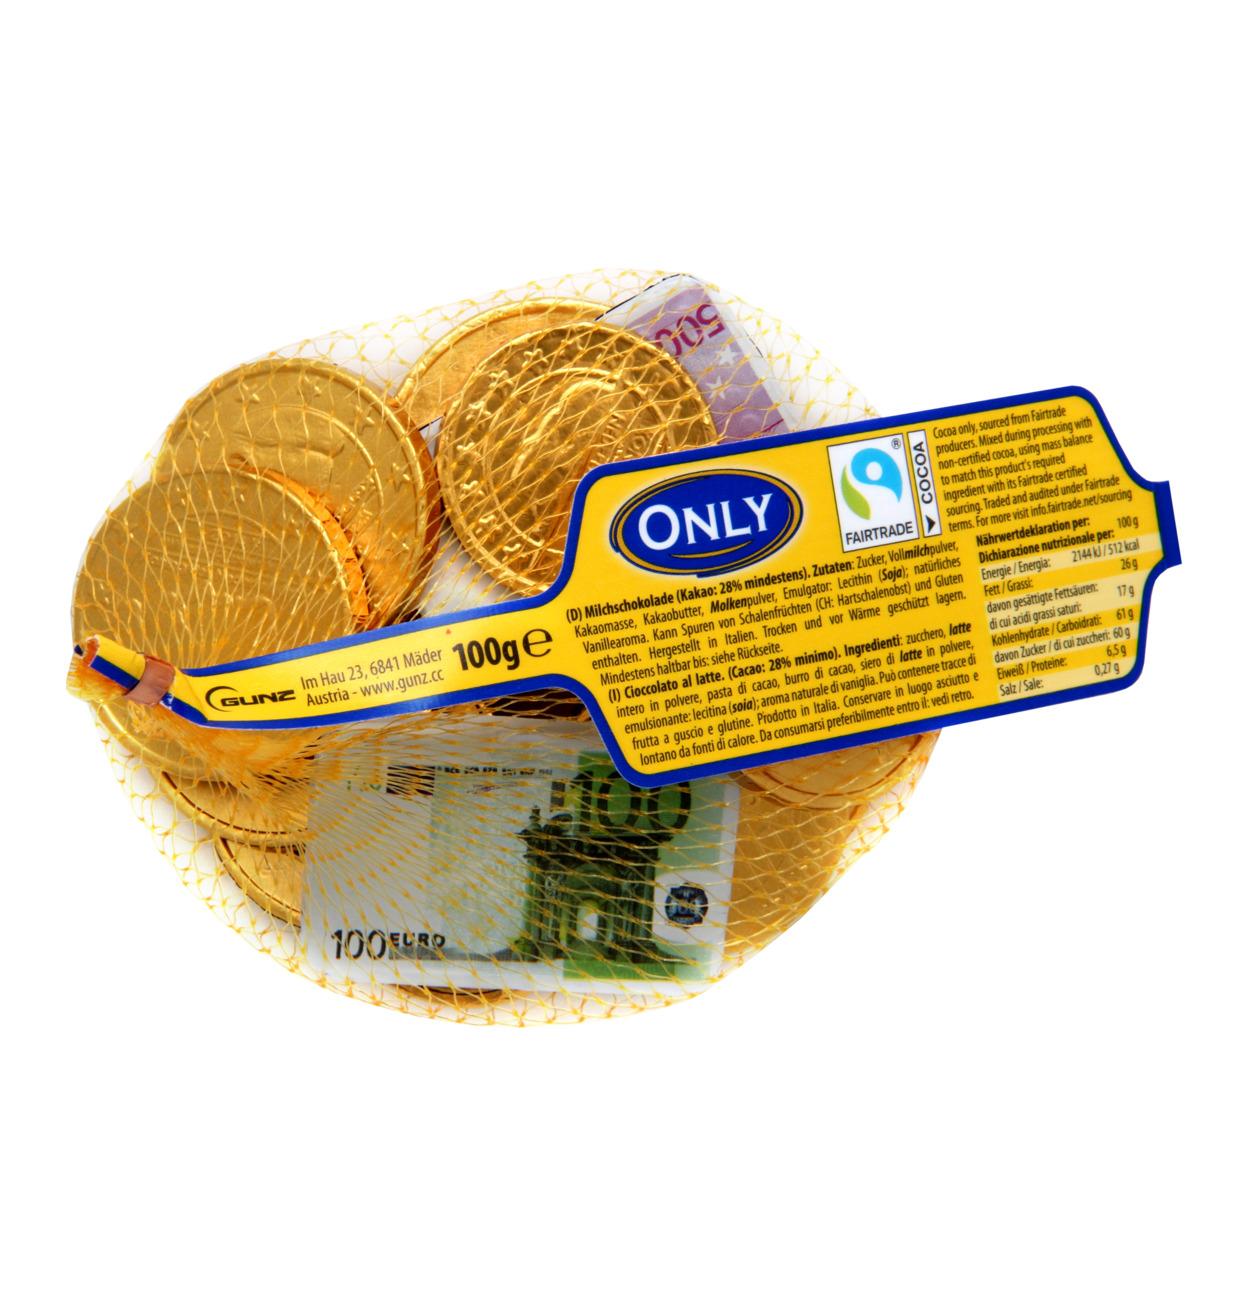 Banknoten und Goldmünzen Milchschokolade